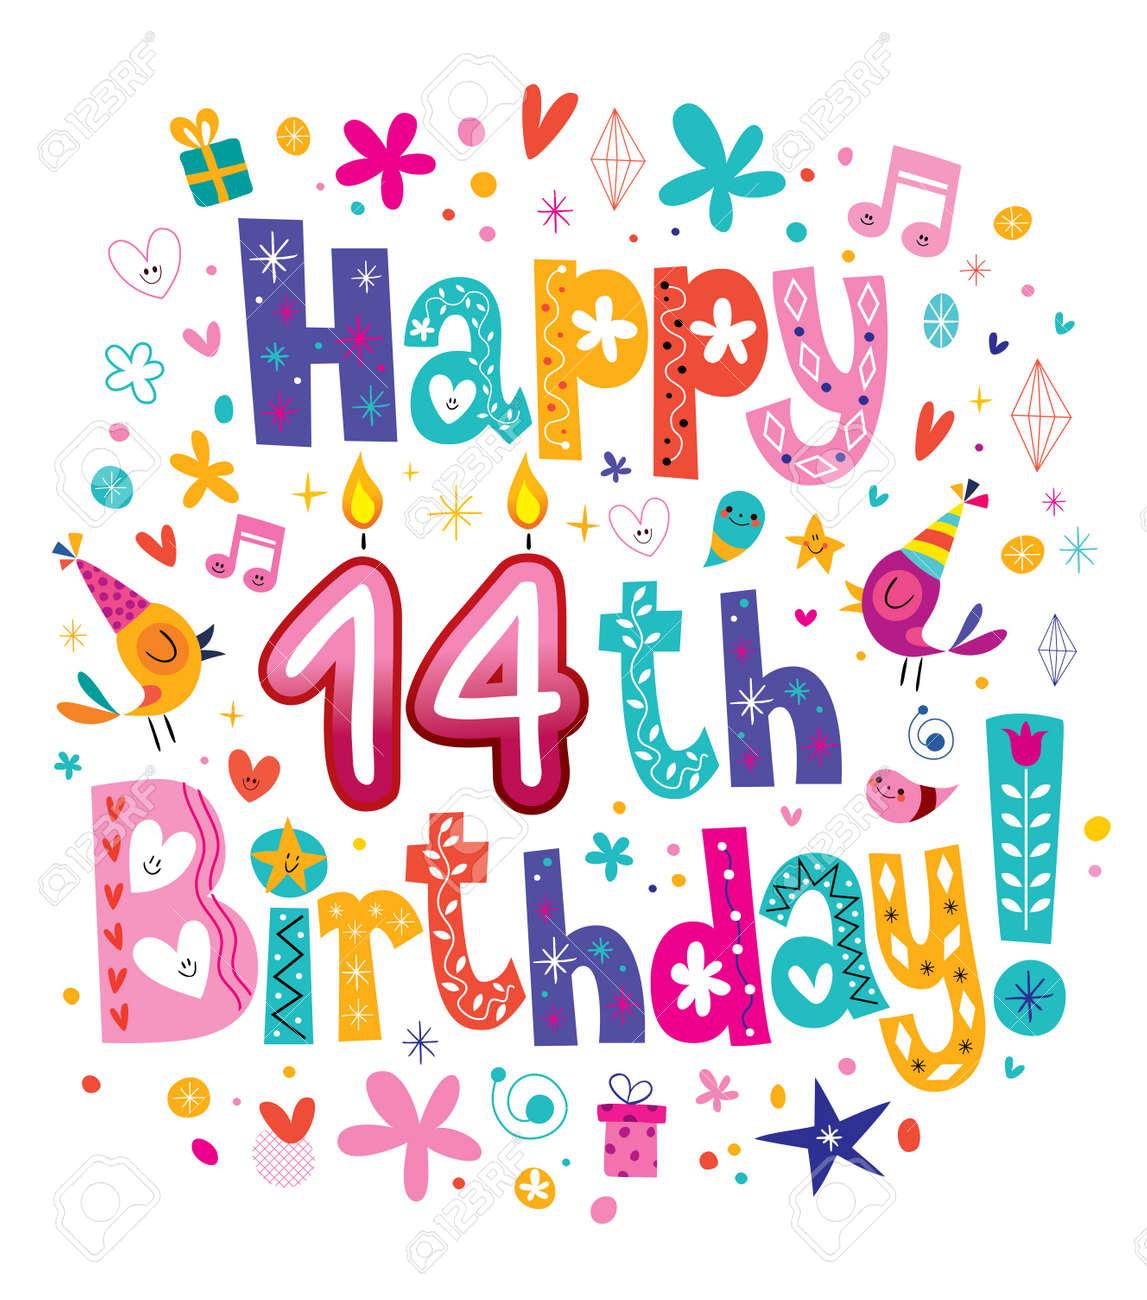 Vettoriale Buon 14 Compleanno Per Bambini Biglietto Di Auguri